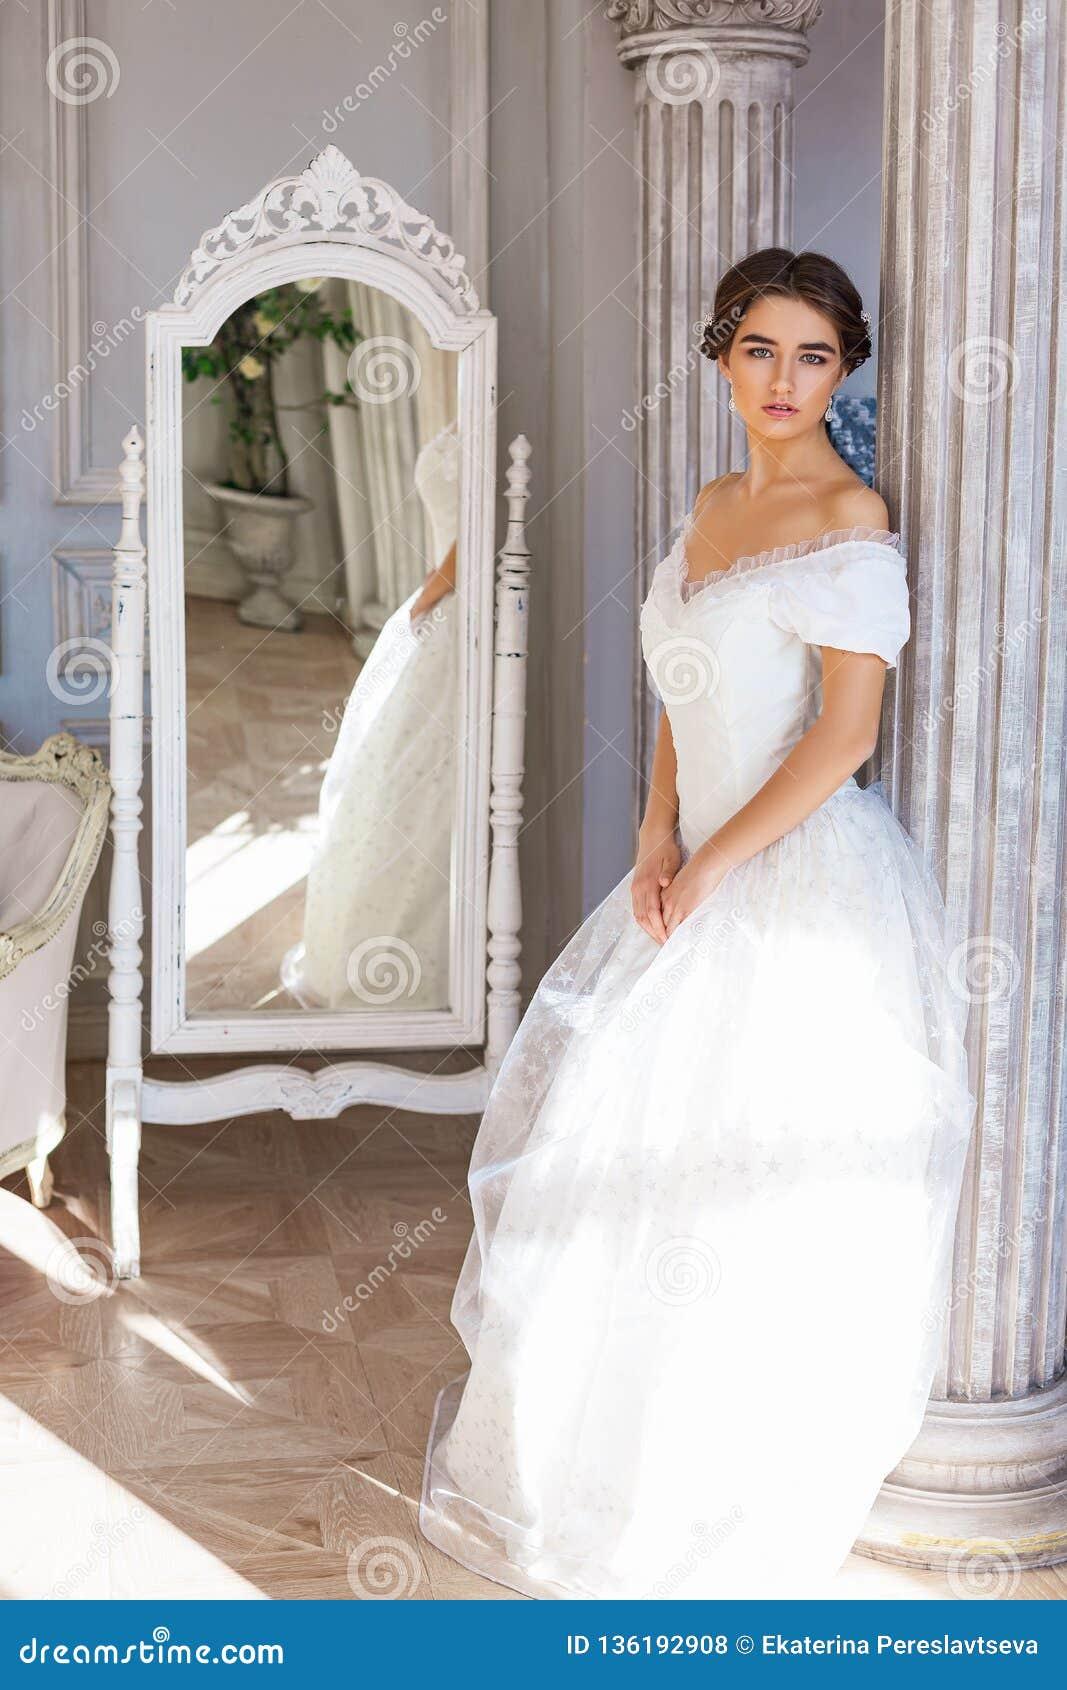 acheter en ligne 190ec d3cff Belle Position De Jeune Femme Dans La Robe Blanche Près Du ...